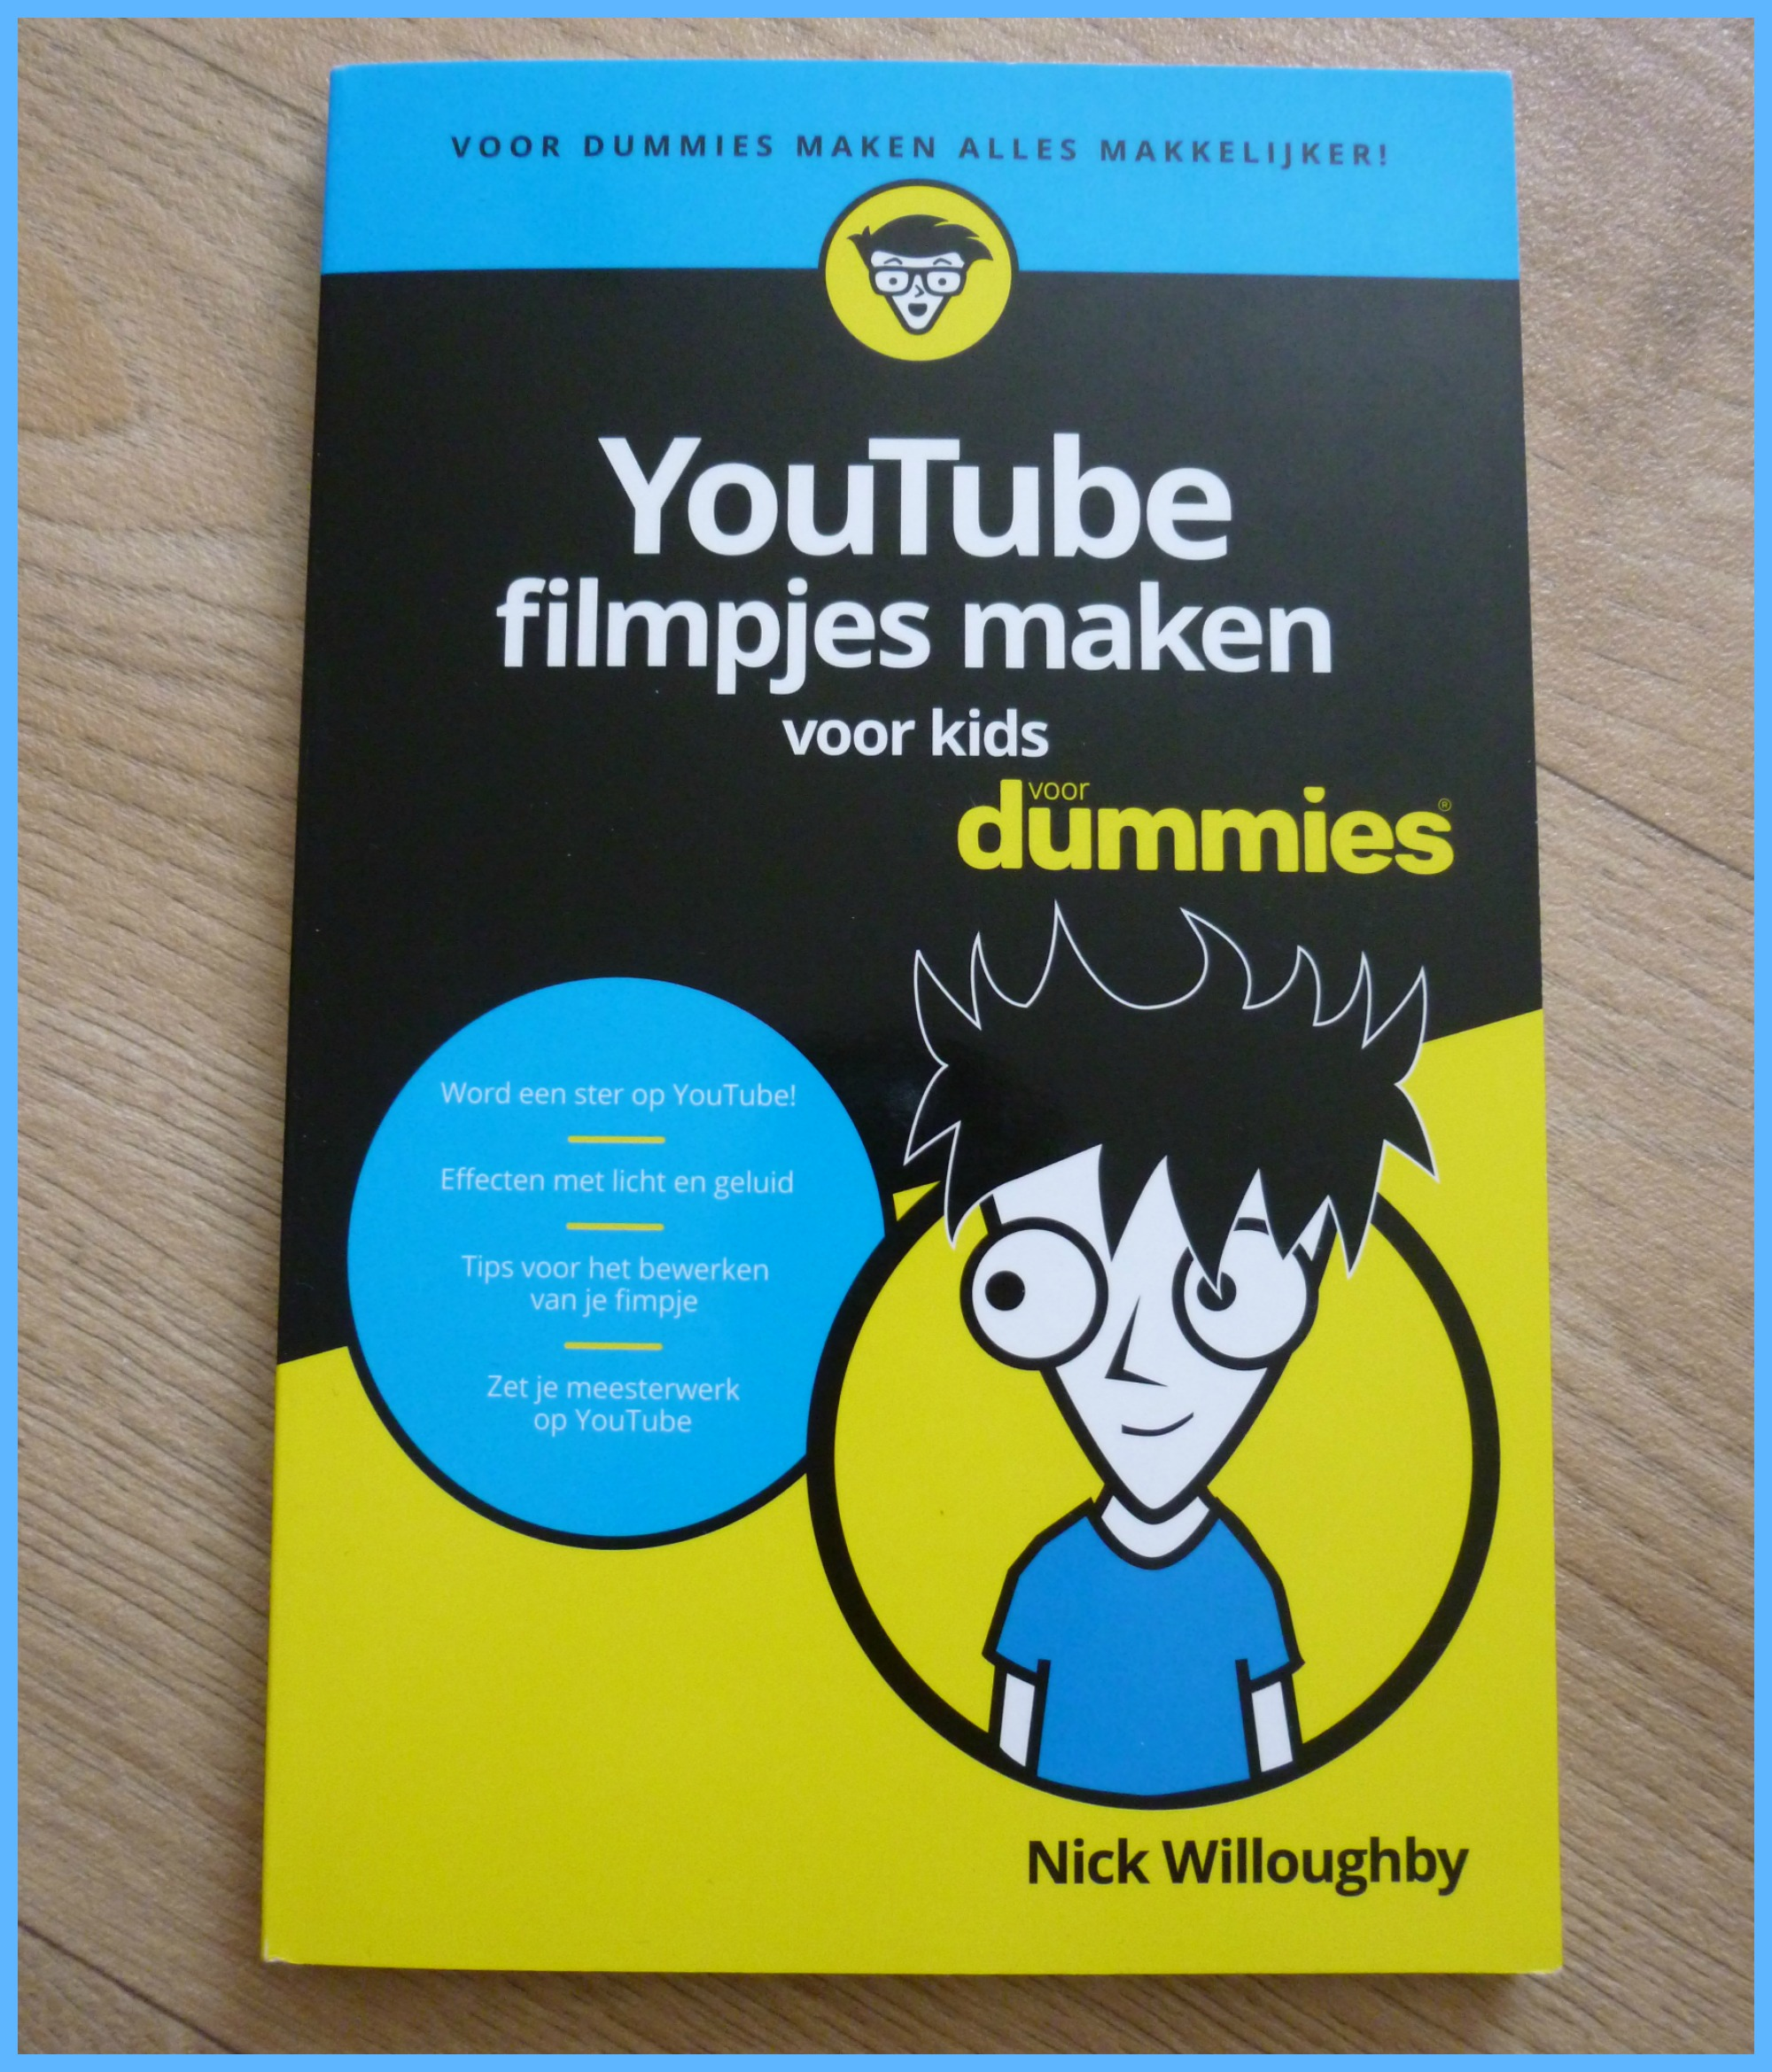 Youtube Filmpjes Maken Voor Kids Nick